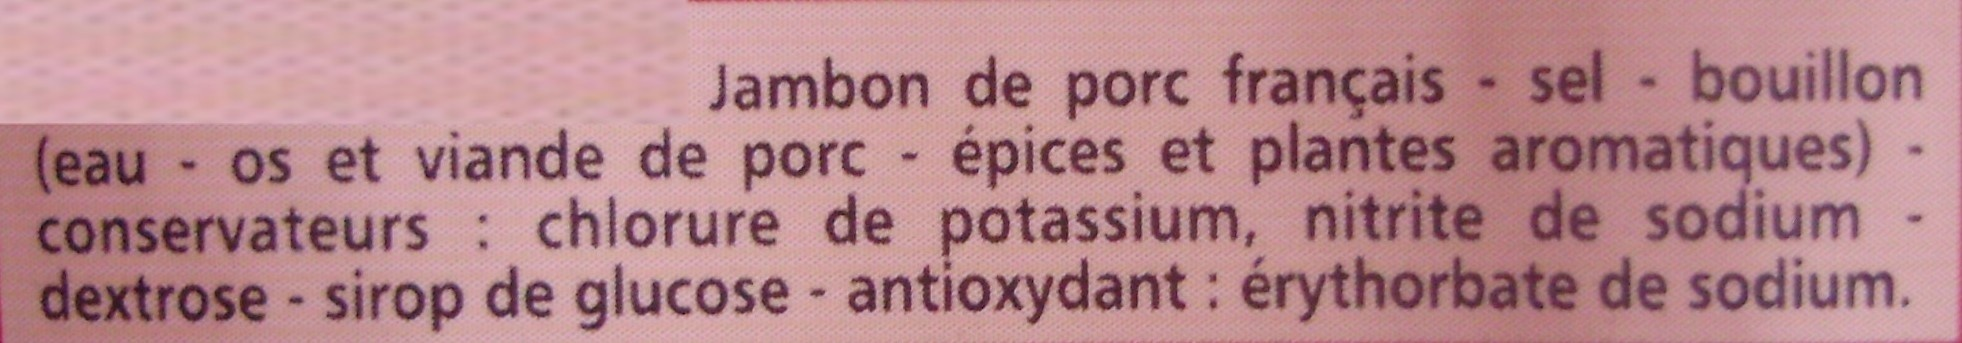 Jambon Supérieur -25 % de Sel Avec Couenne - Ingrédients - fr